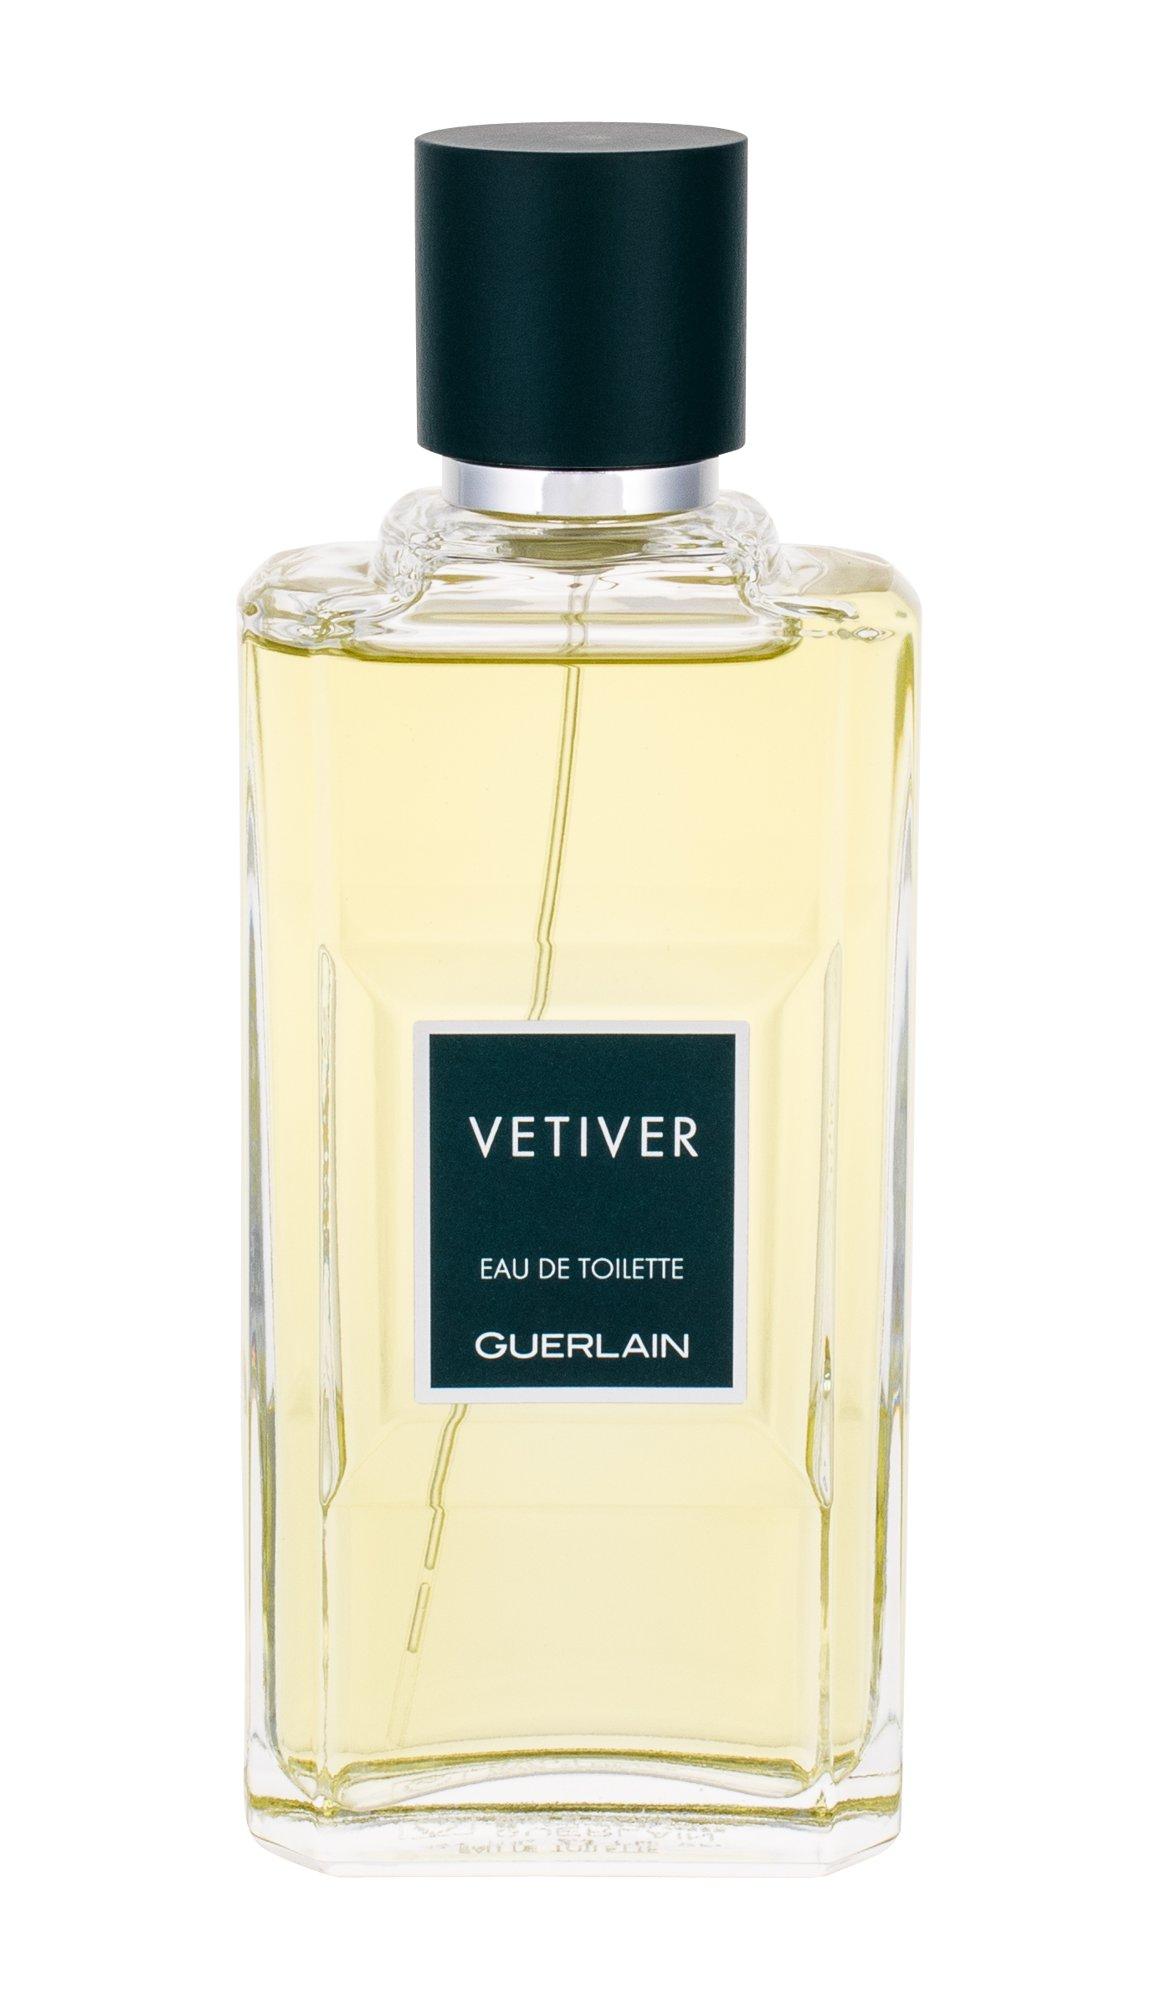 Guerlain Vetiver, edt 100ml